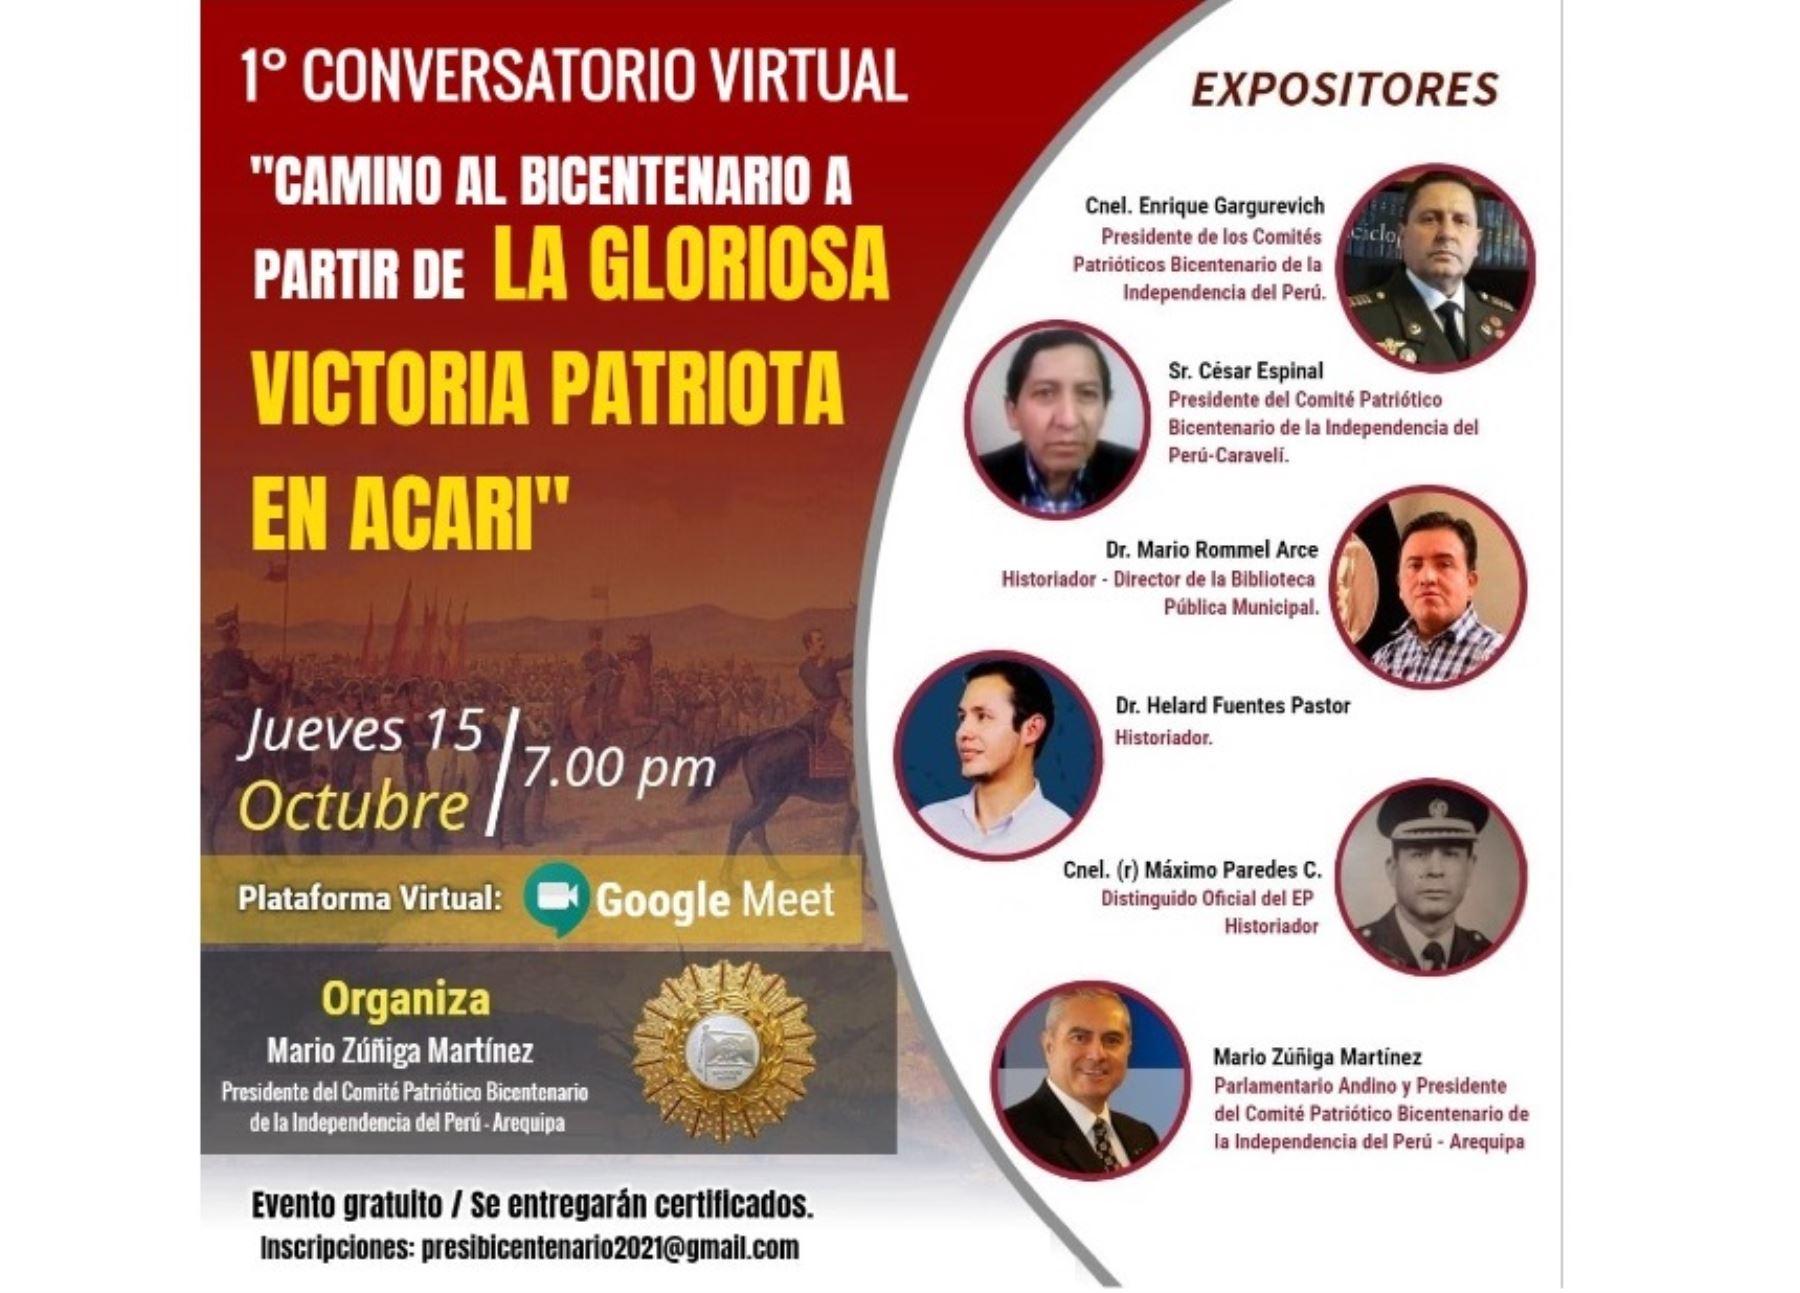 Organizan conversatorio virtual en Arequipa por el Bicentenario de la Independencia del Perú y la victoria de la batalla de Acarí.